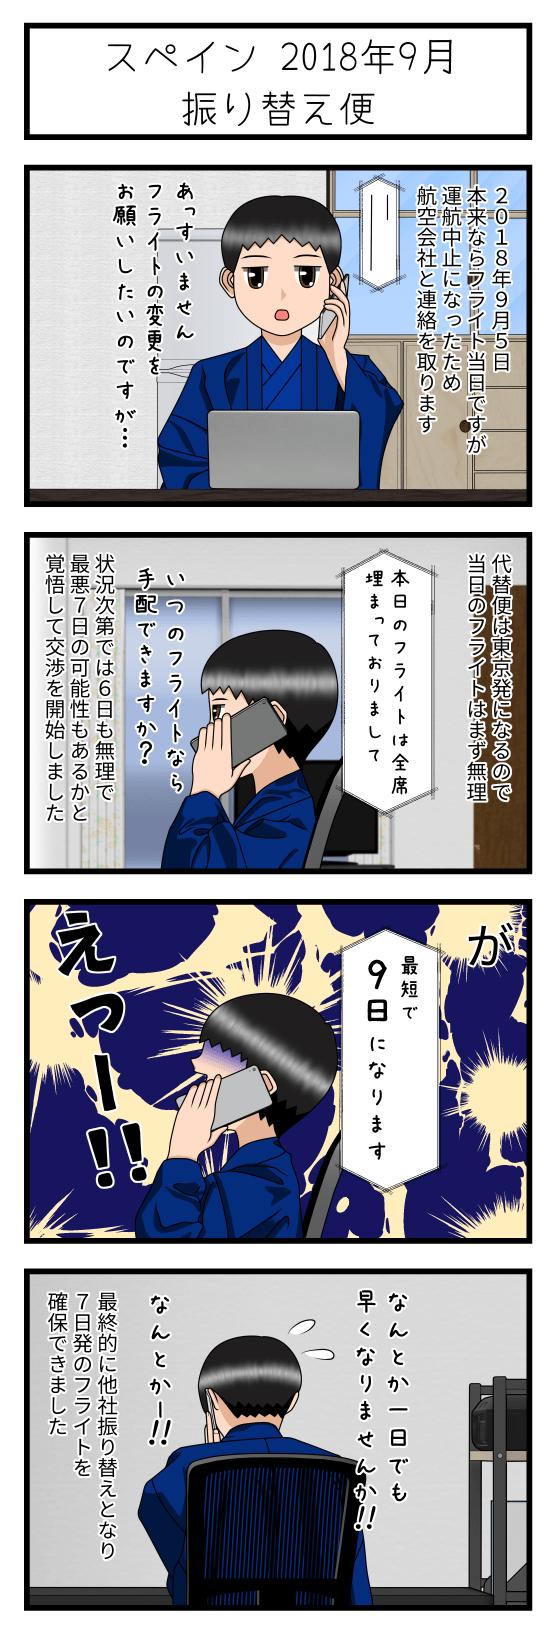 spain_201809_02_2